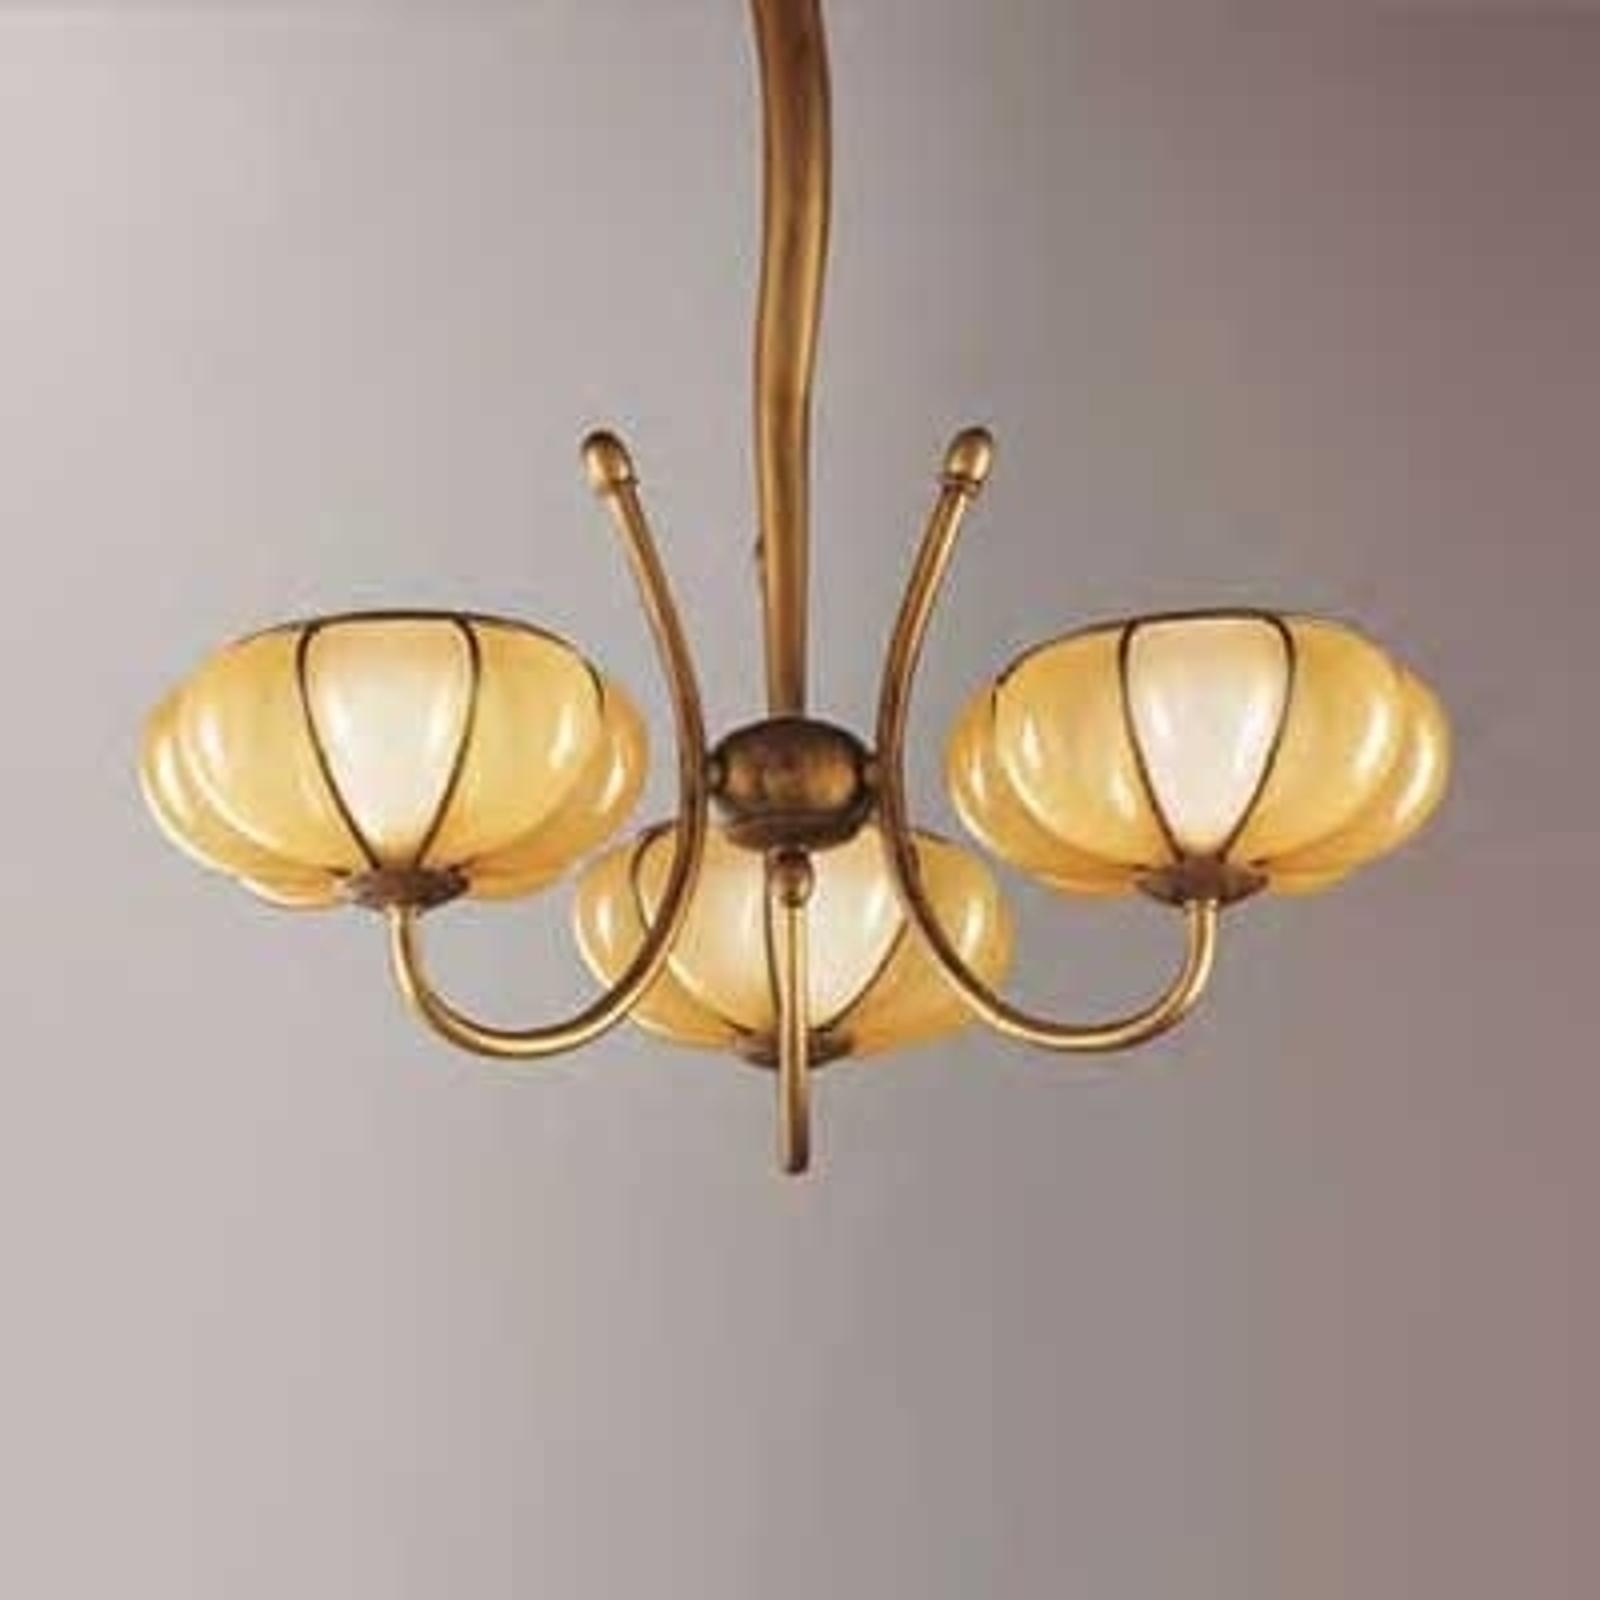 LOTO klassisk loftlampe